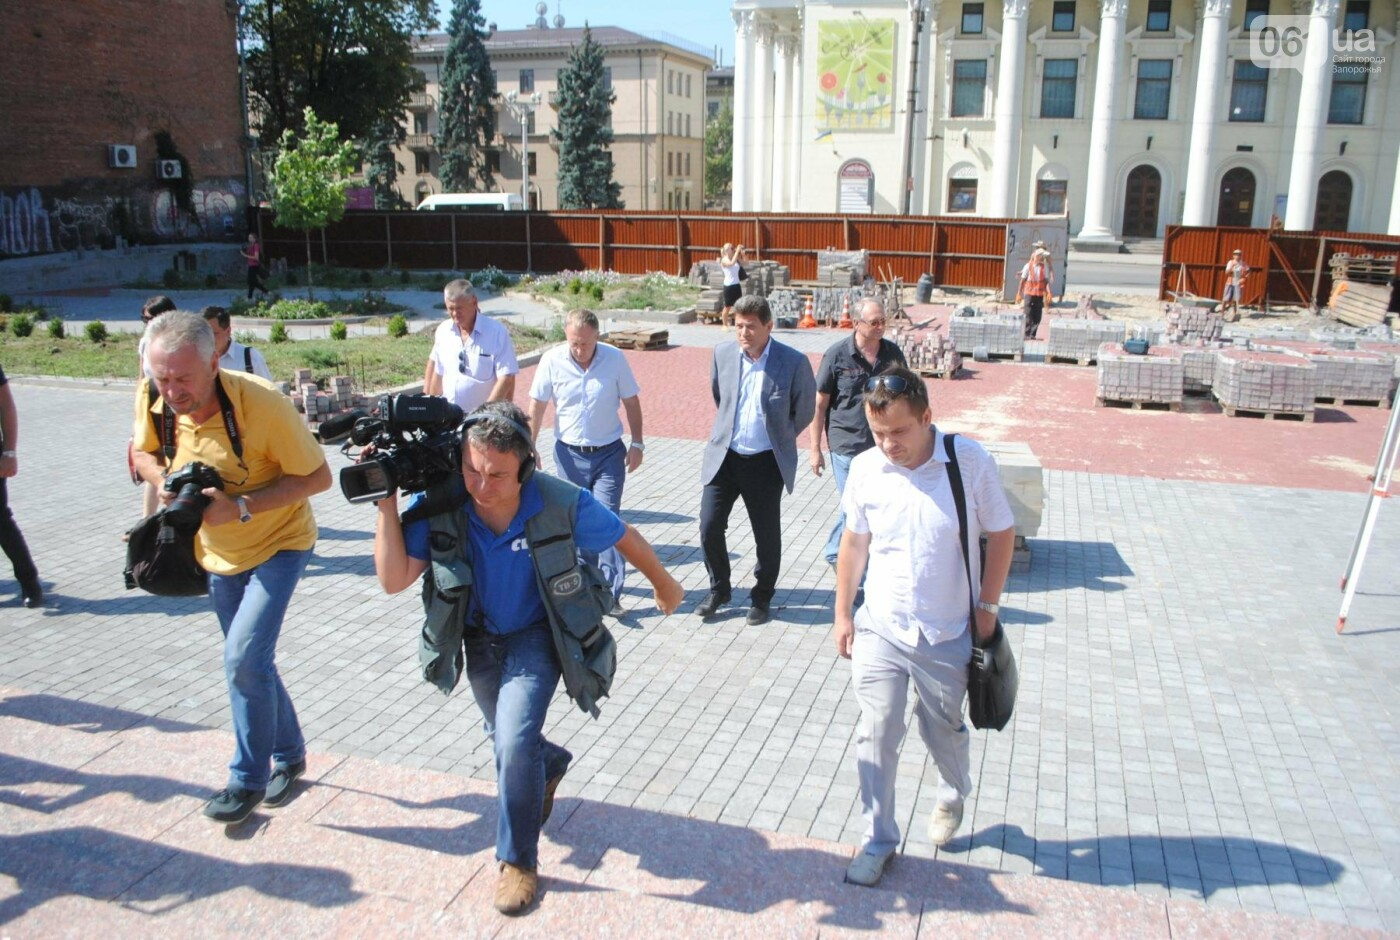 Сквер напротив театра Магара обещают открыть до Дня города, ранее обещали ко Дню Независимости — ФОТОРЕПОРТАЖ, фото-15